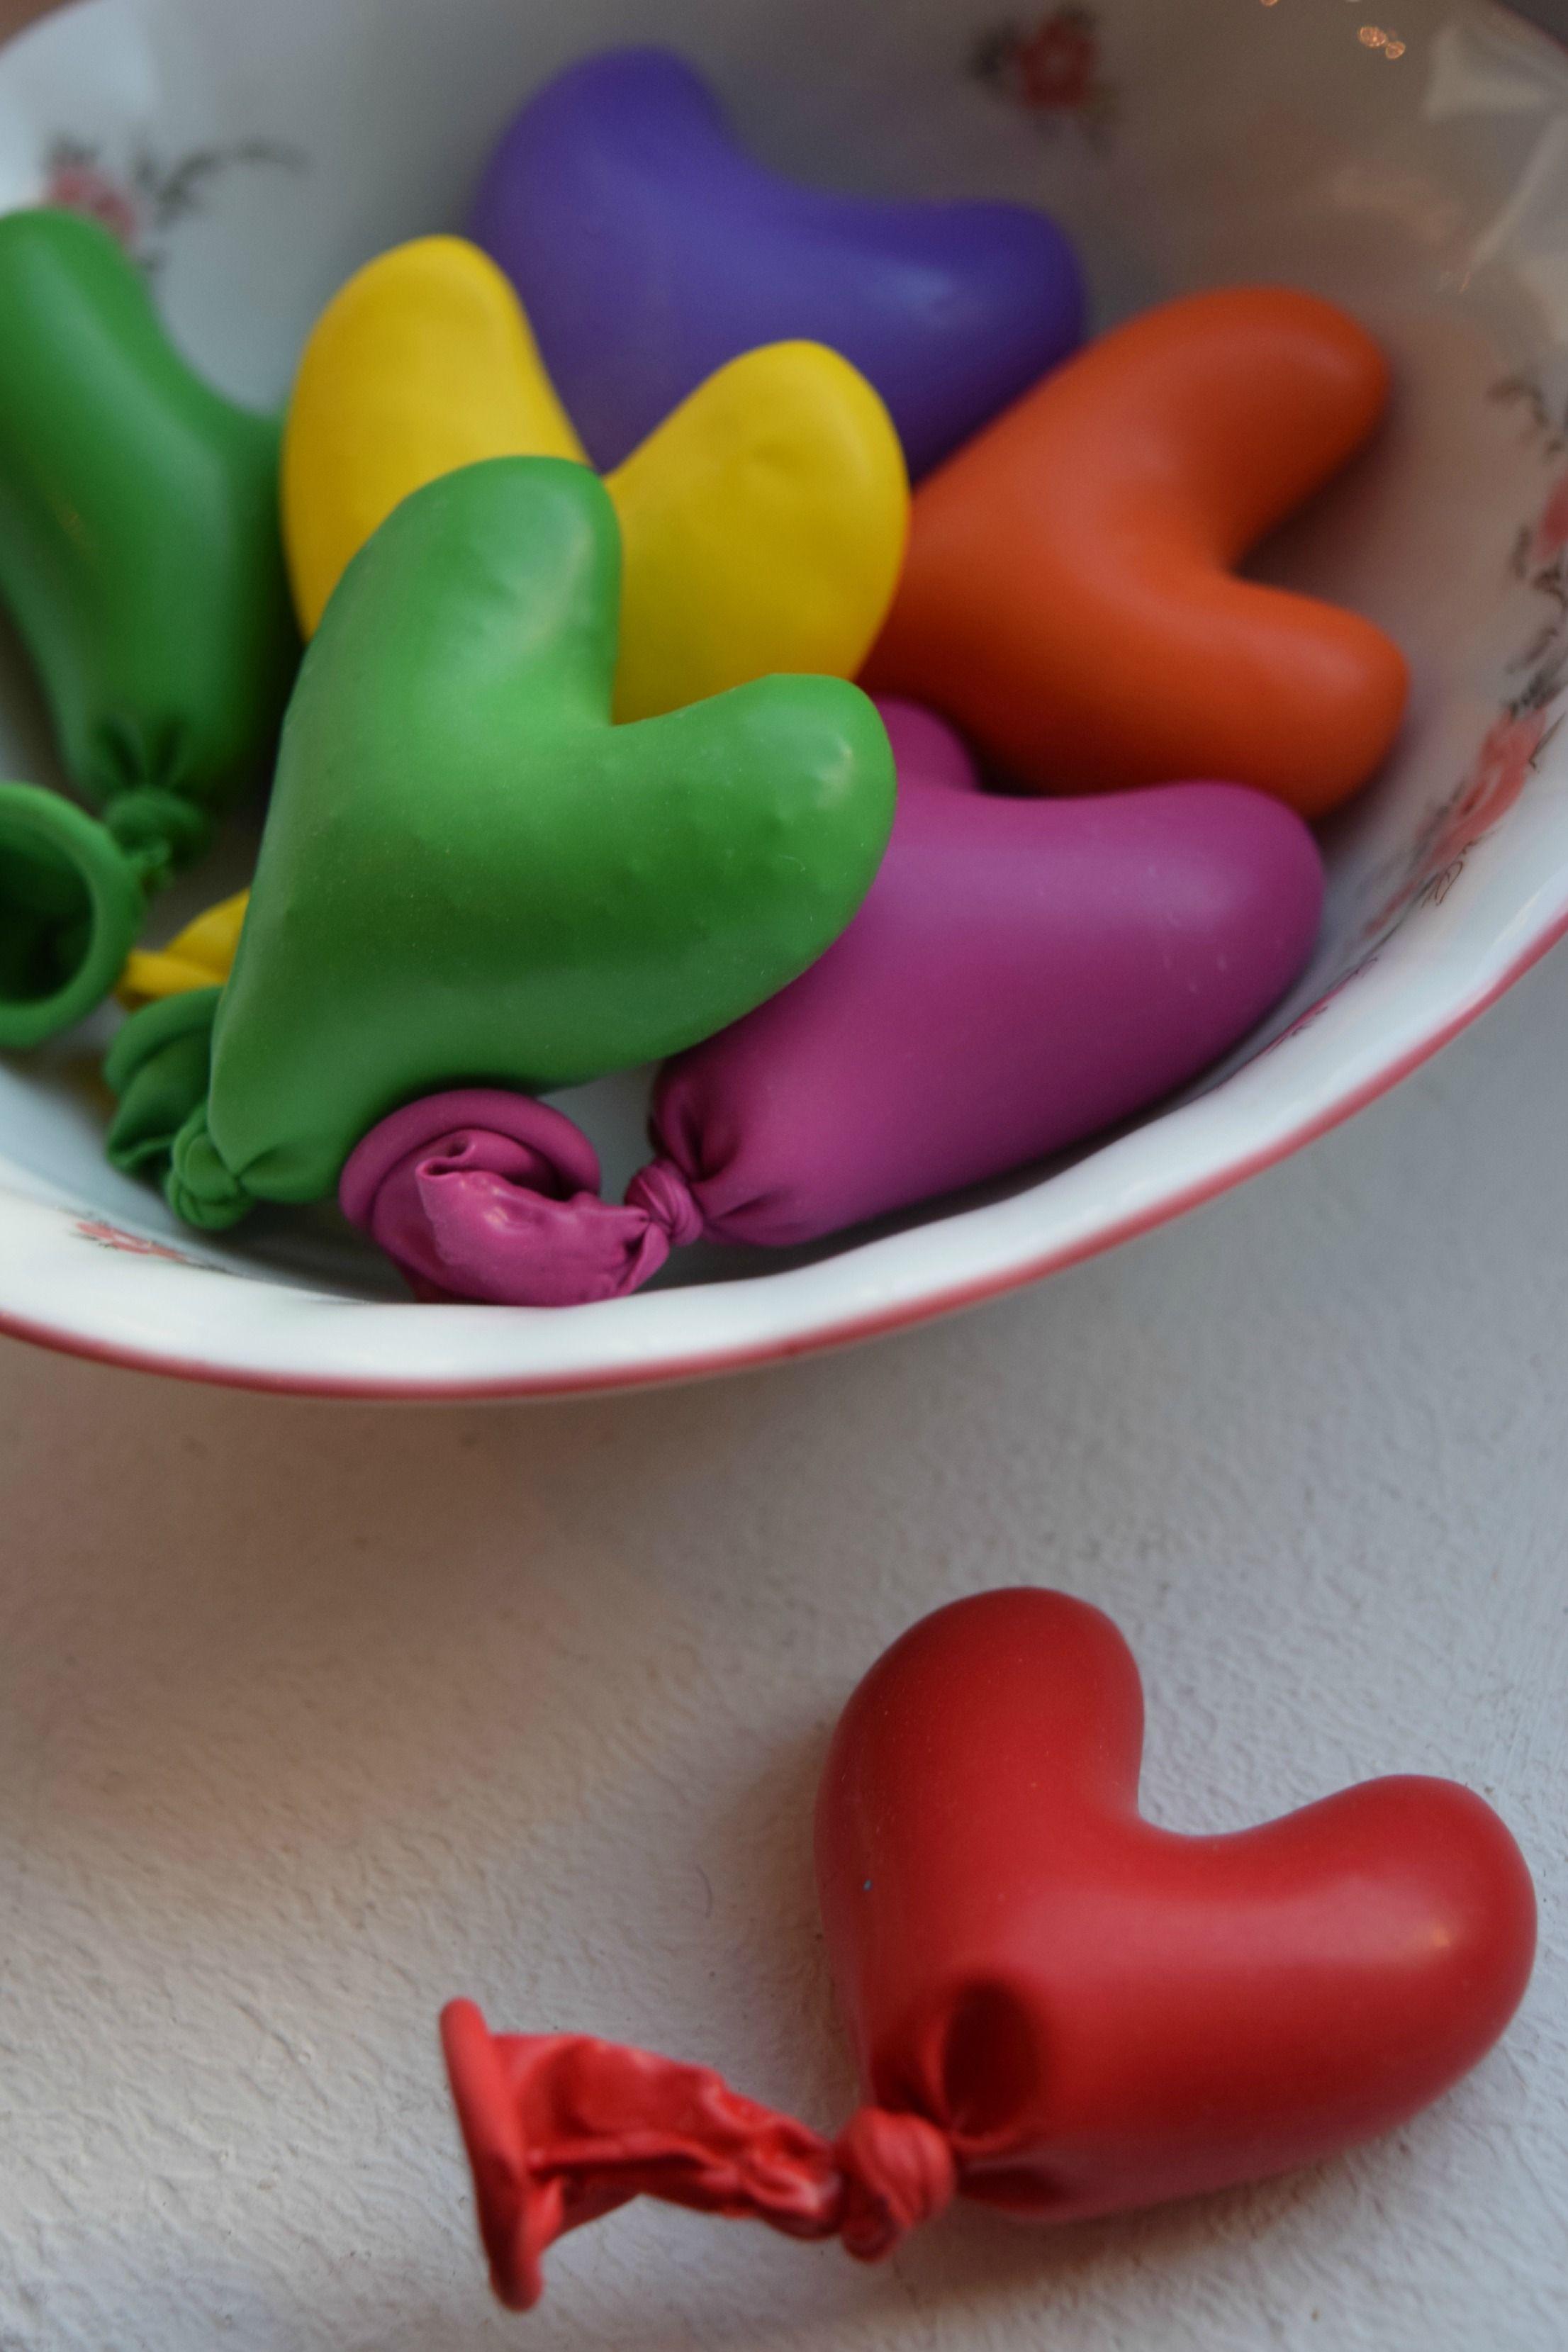 How to Make Mini Stress Toys